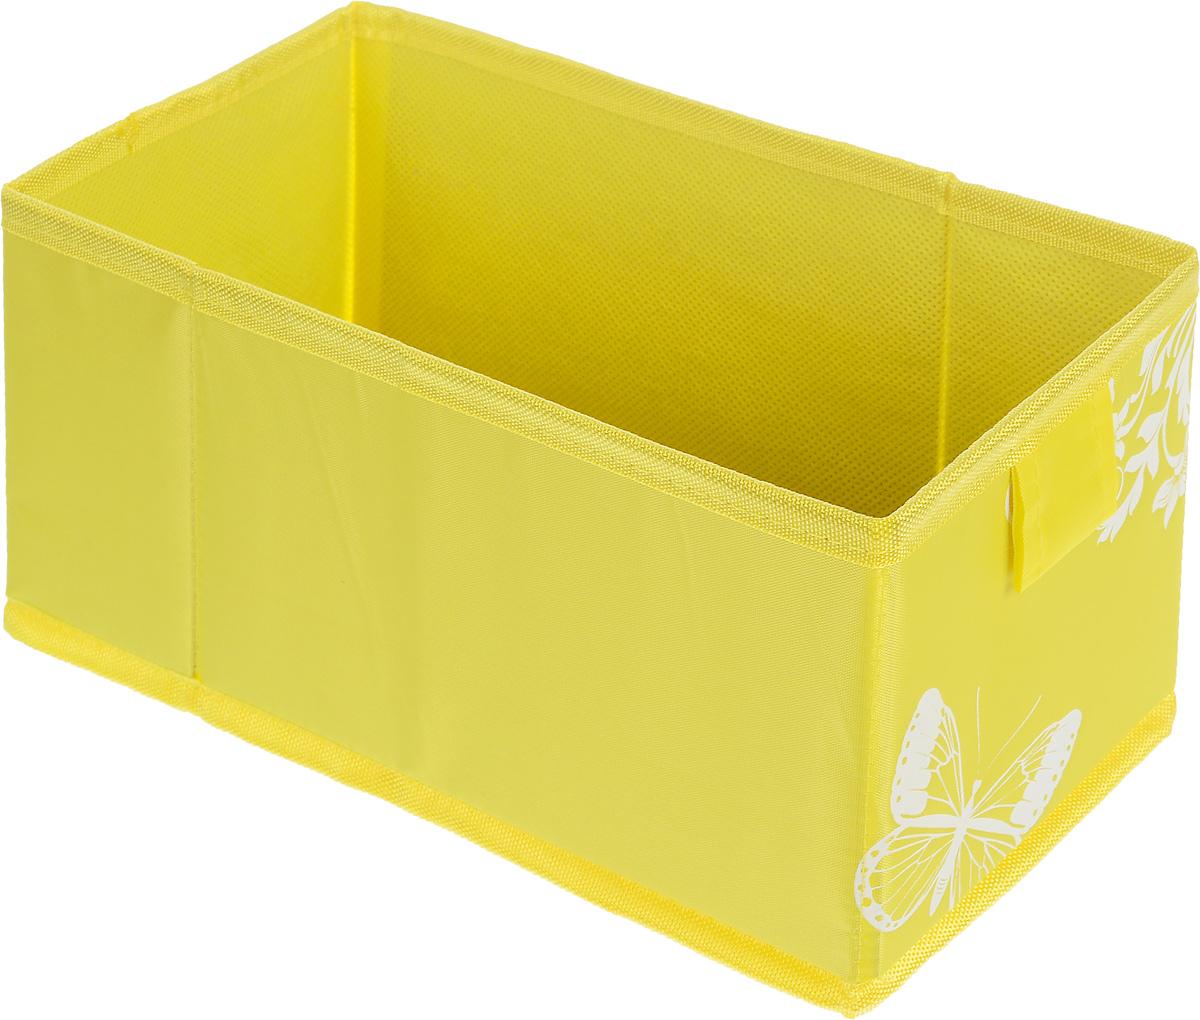 Коробка для хранения Hausmann Butterfly, цвет: желтый, 13 x 27 x 12,5 см4P-107-M4С_желтыйКоробка для хранения вещей Hausmann Butterfly поможет легко организовать пространство в шкафу или в гардеробе. Изделие выполнено из нетканого материала и полиэстера. Коробка держит форму благодаря жесткой вставке из картона, которая устанавливается на дно. Боковая поверхность оформлена красивым принтом с изображением бабочек. В такой коробке удобно хранить нижнее белье, ремни и различные аксессуары.Размер кофра (в собранном виде): 13 x 27 x 12,5 см.